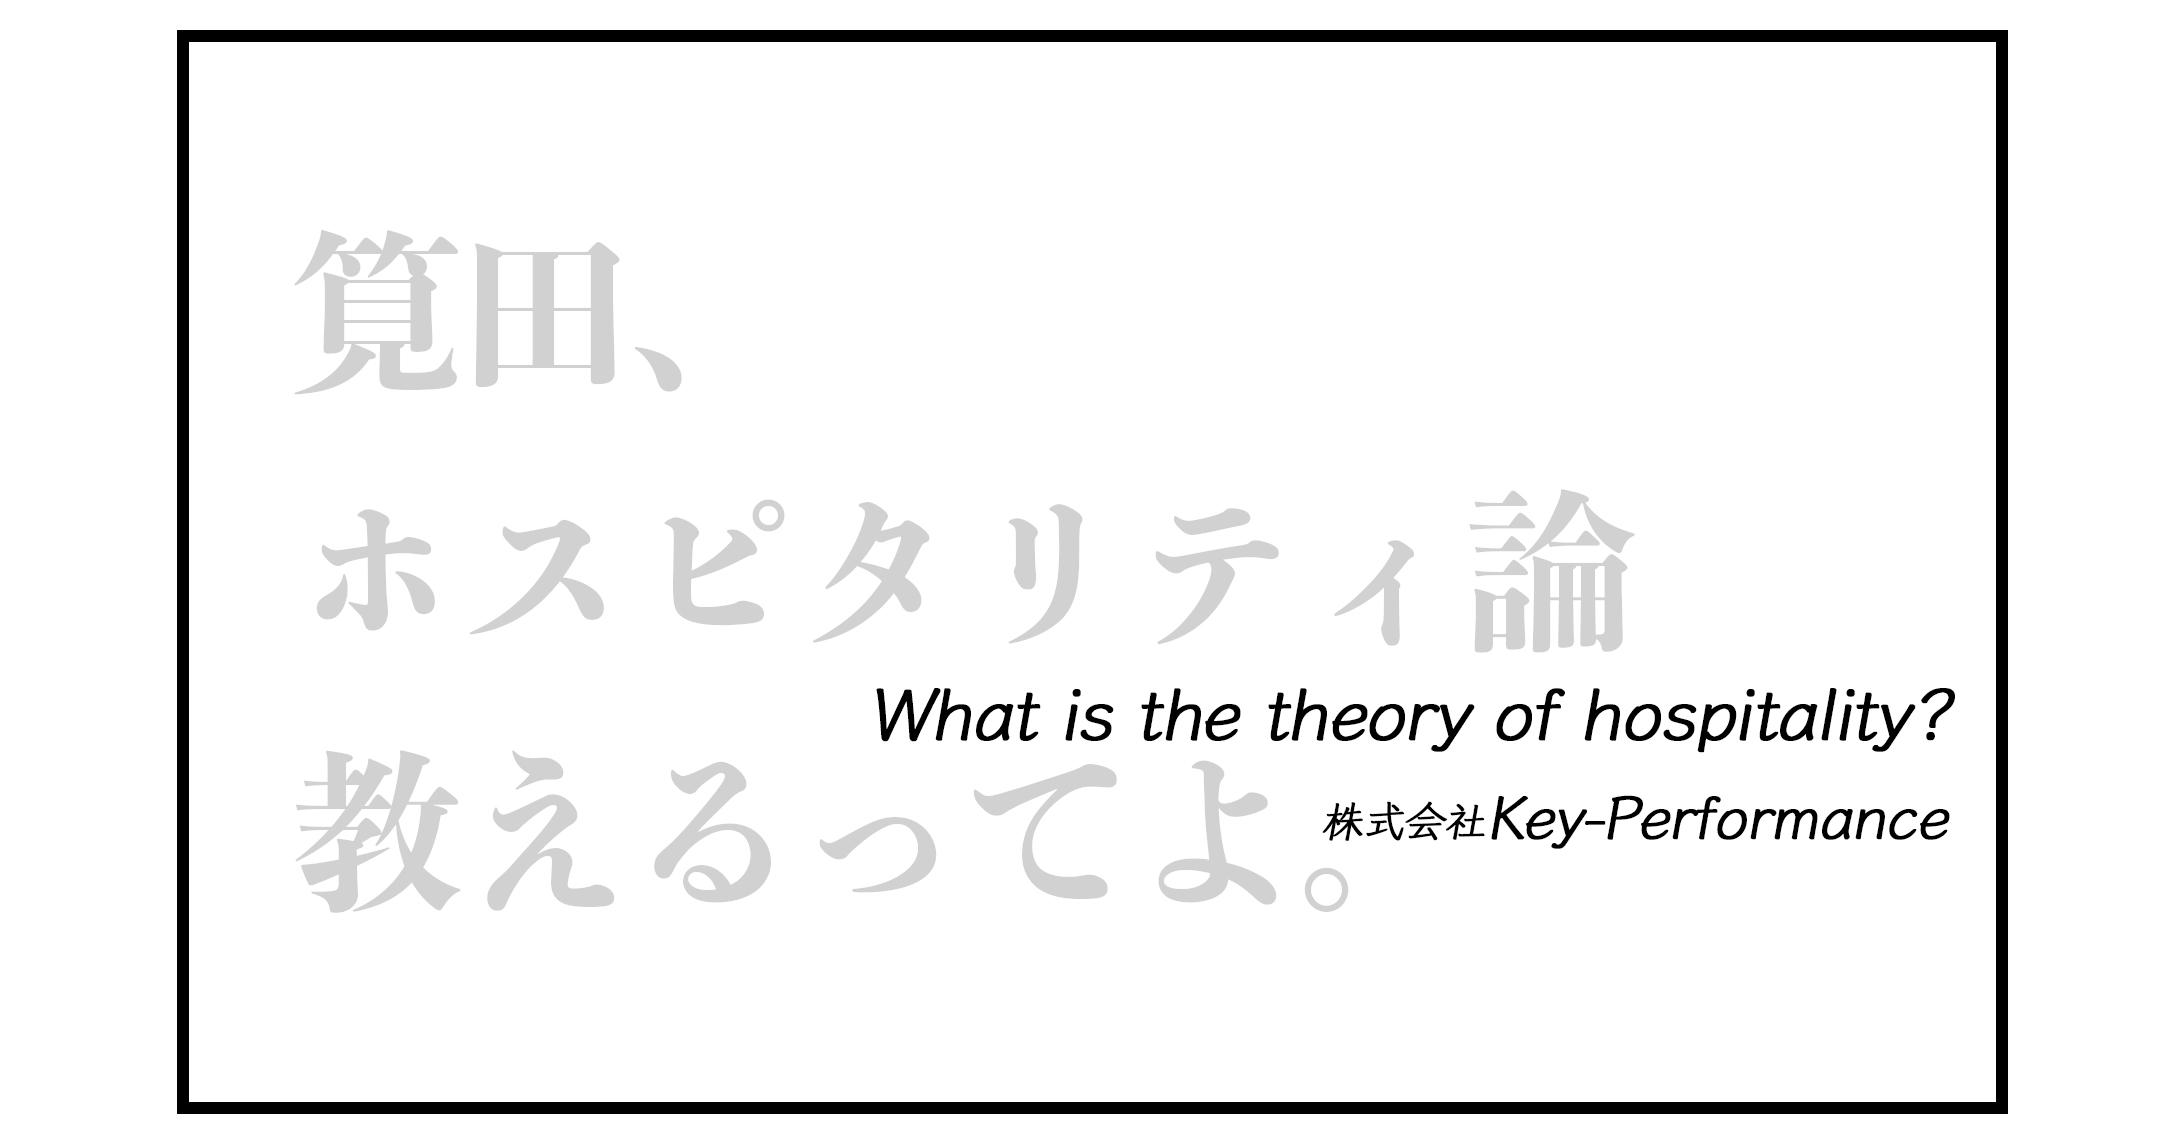 筧田のホスピタリティ論